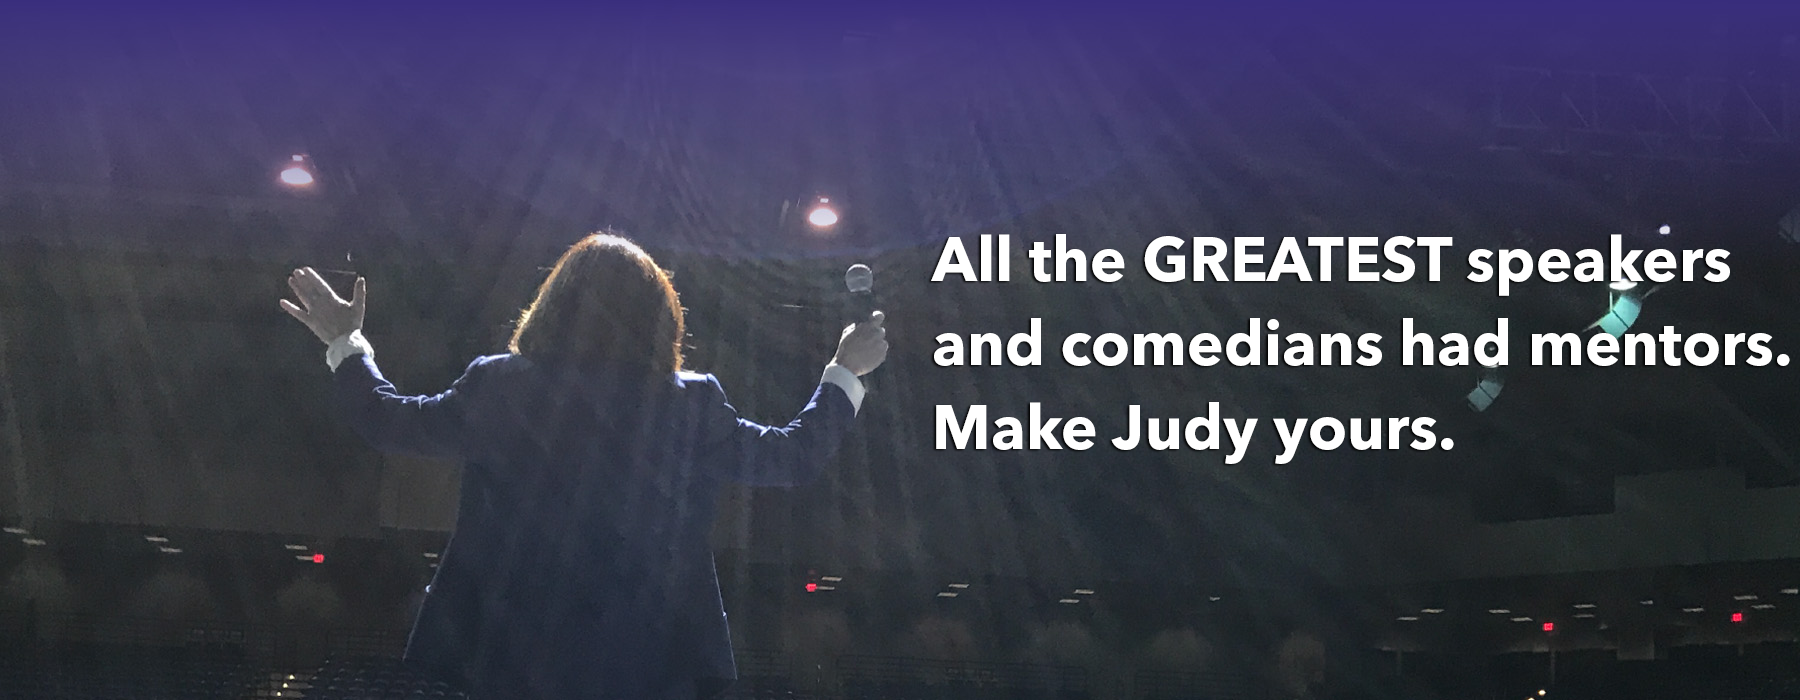 JudyBanner-Consultation_new